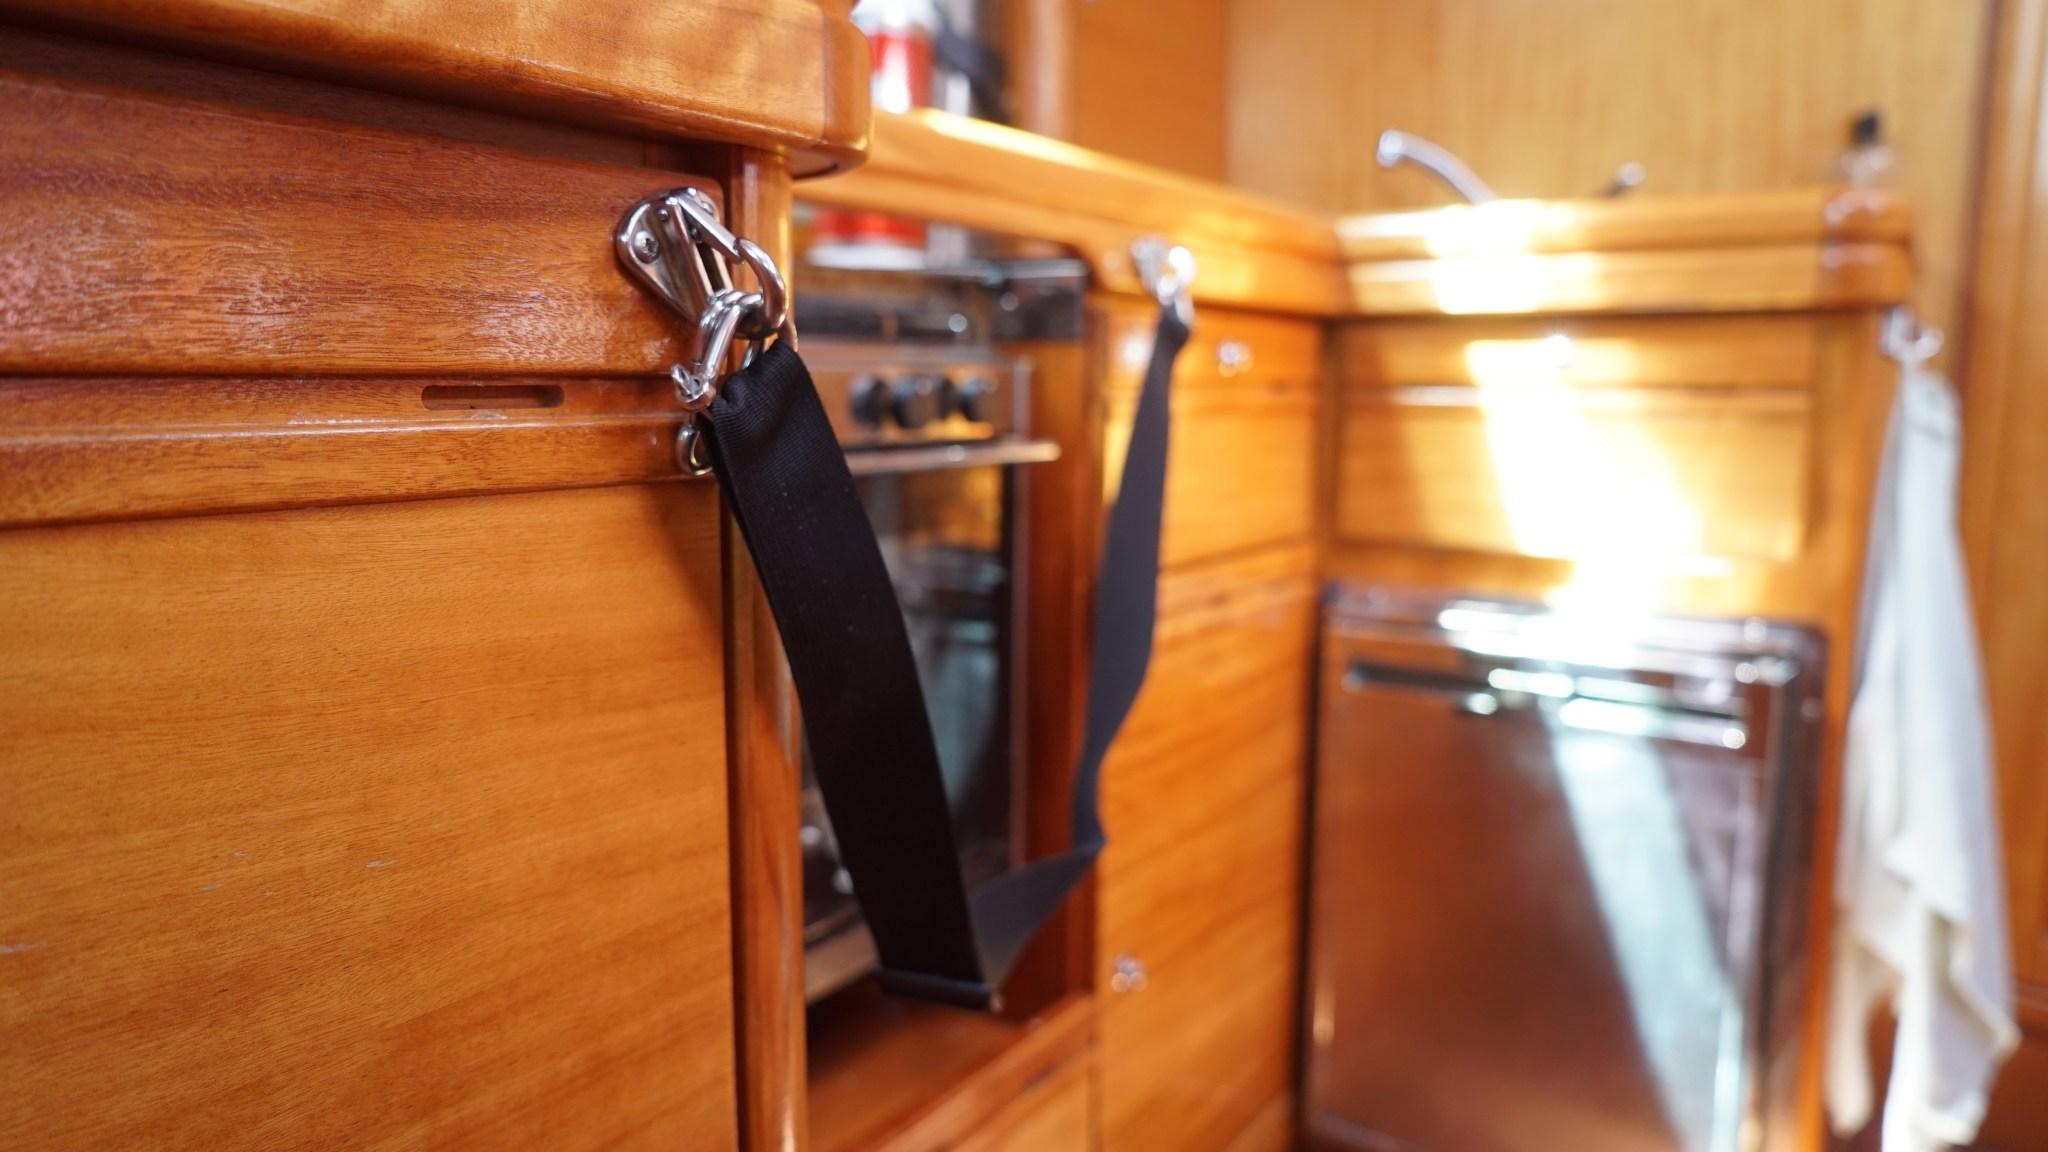 Turvavyölle on kolme kiinnityspistettä. Itsensä voi köyttää niin tiskaamaan kuin hellankin viereen. Huono puoli on, että noihin koukkuihin törmäilee, vaikkei kokkihommissa olekkaan. Atlantin ylityksen jälkeen oli hienoja mustelmia lonkissa.